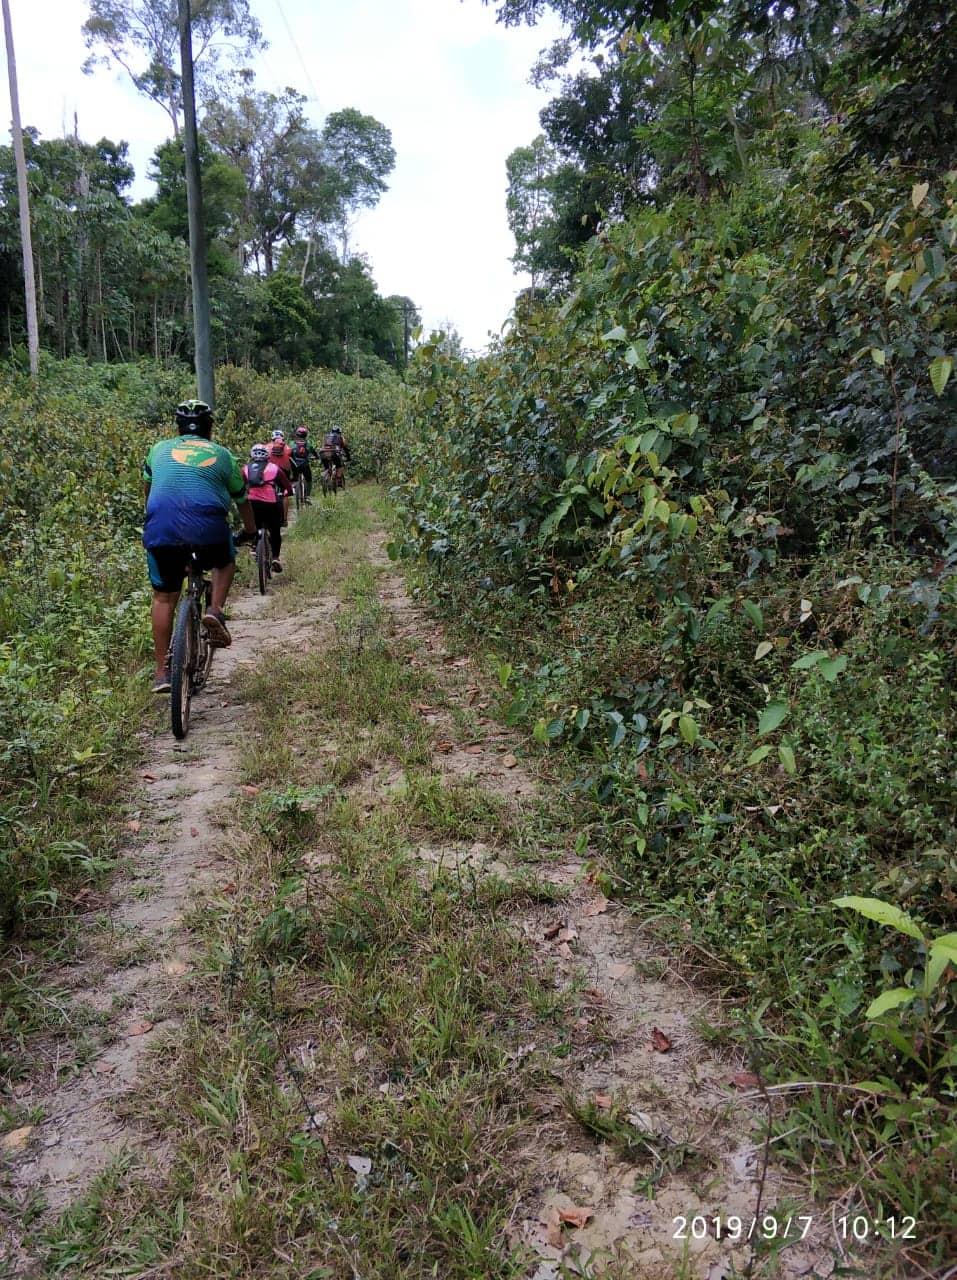 Aventureiros realizam trilha rural de bike da Vila Amazônia ao Santo Antônio do Tracajá 4